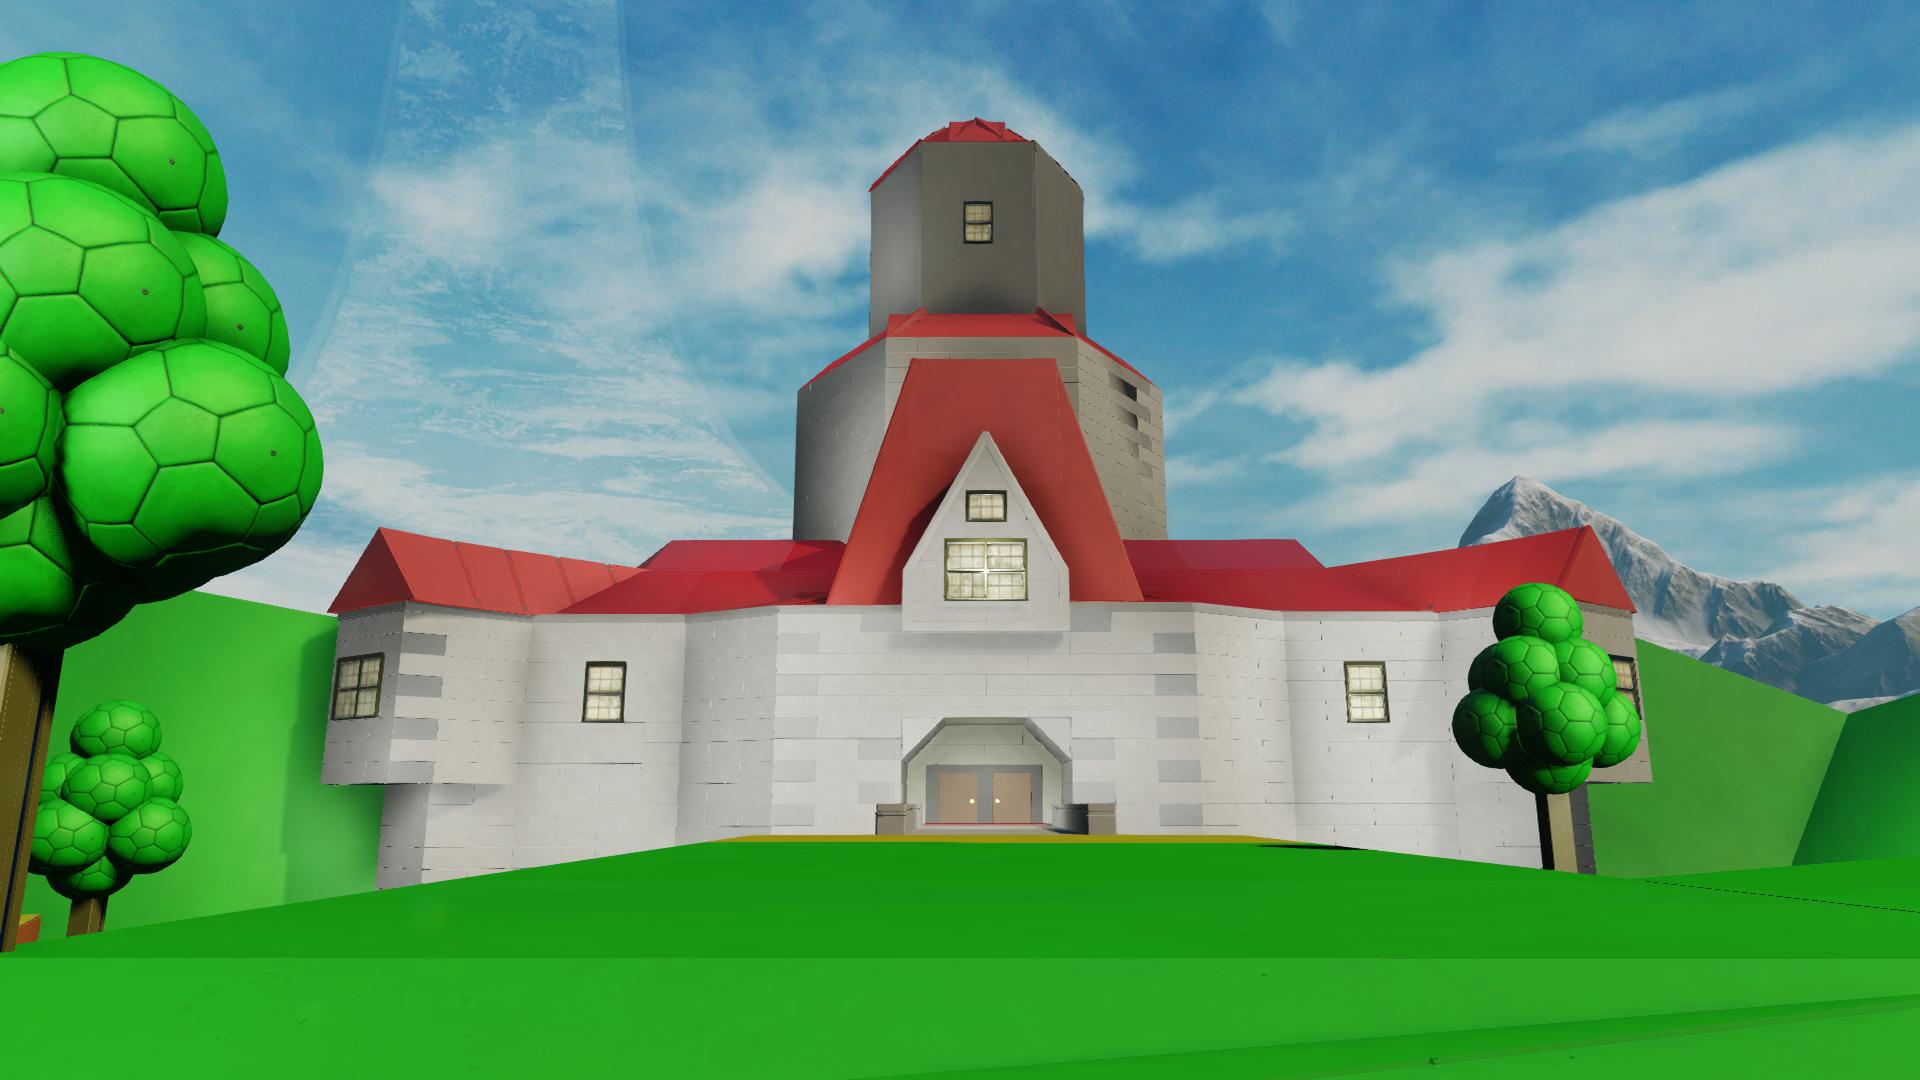 Halo 5 Player Recreates Super Mario 64 Princess Peach Castle In